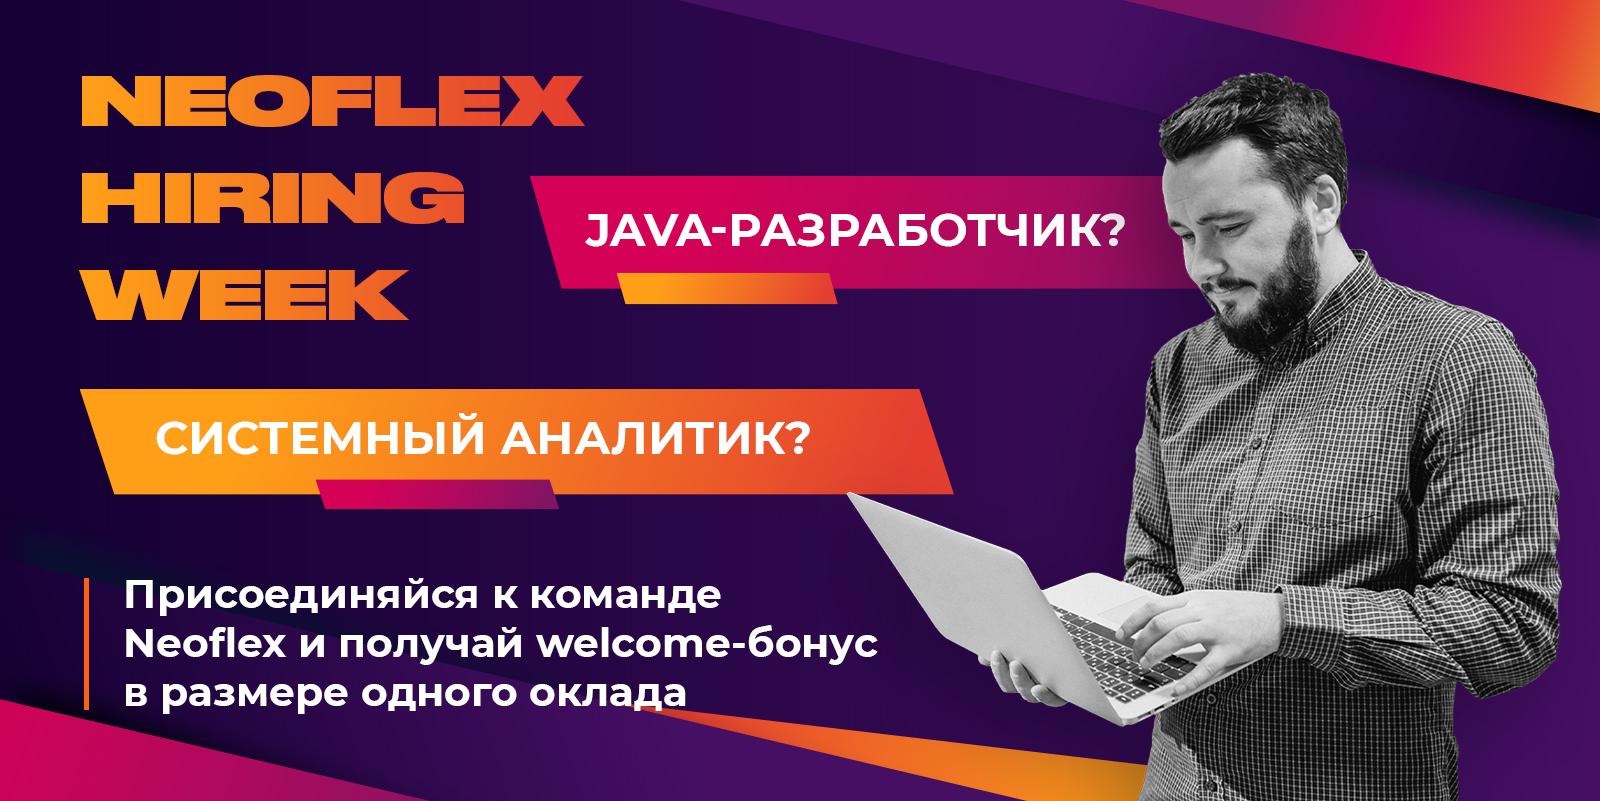 Neoflex проводит Hiring Week для Java-разработчиков и системных аналитиков